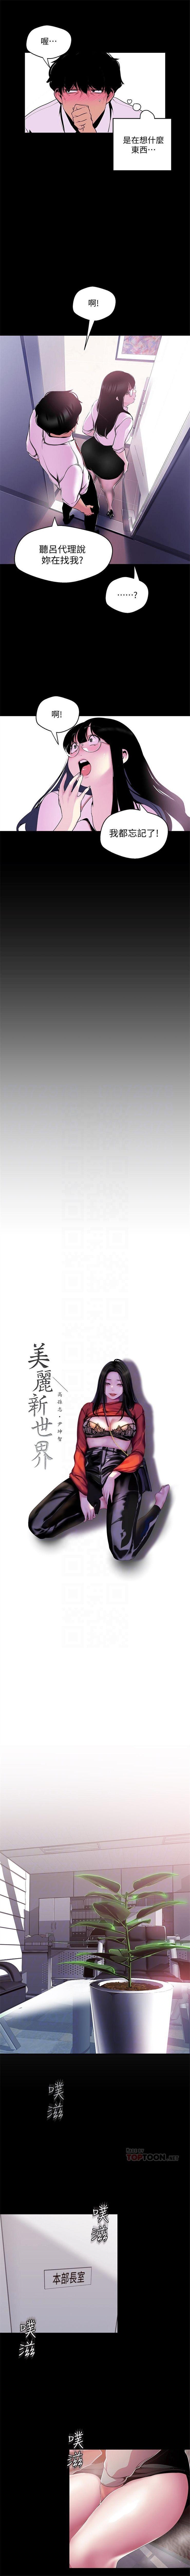 (週1)美麗新世界 1-70 中文翻譯 (更新中) 462